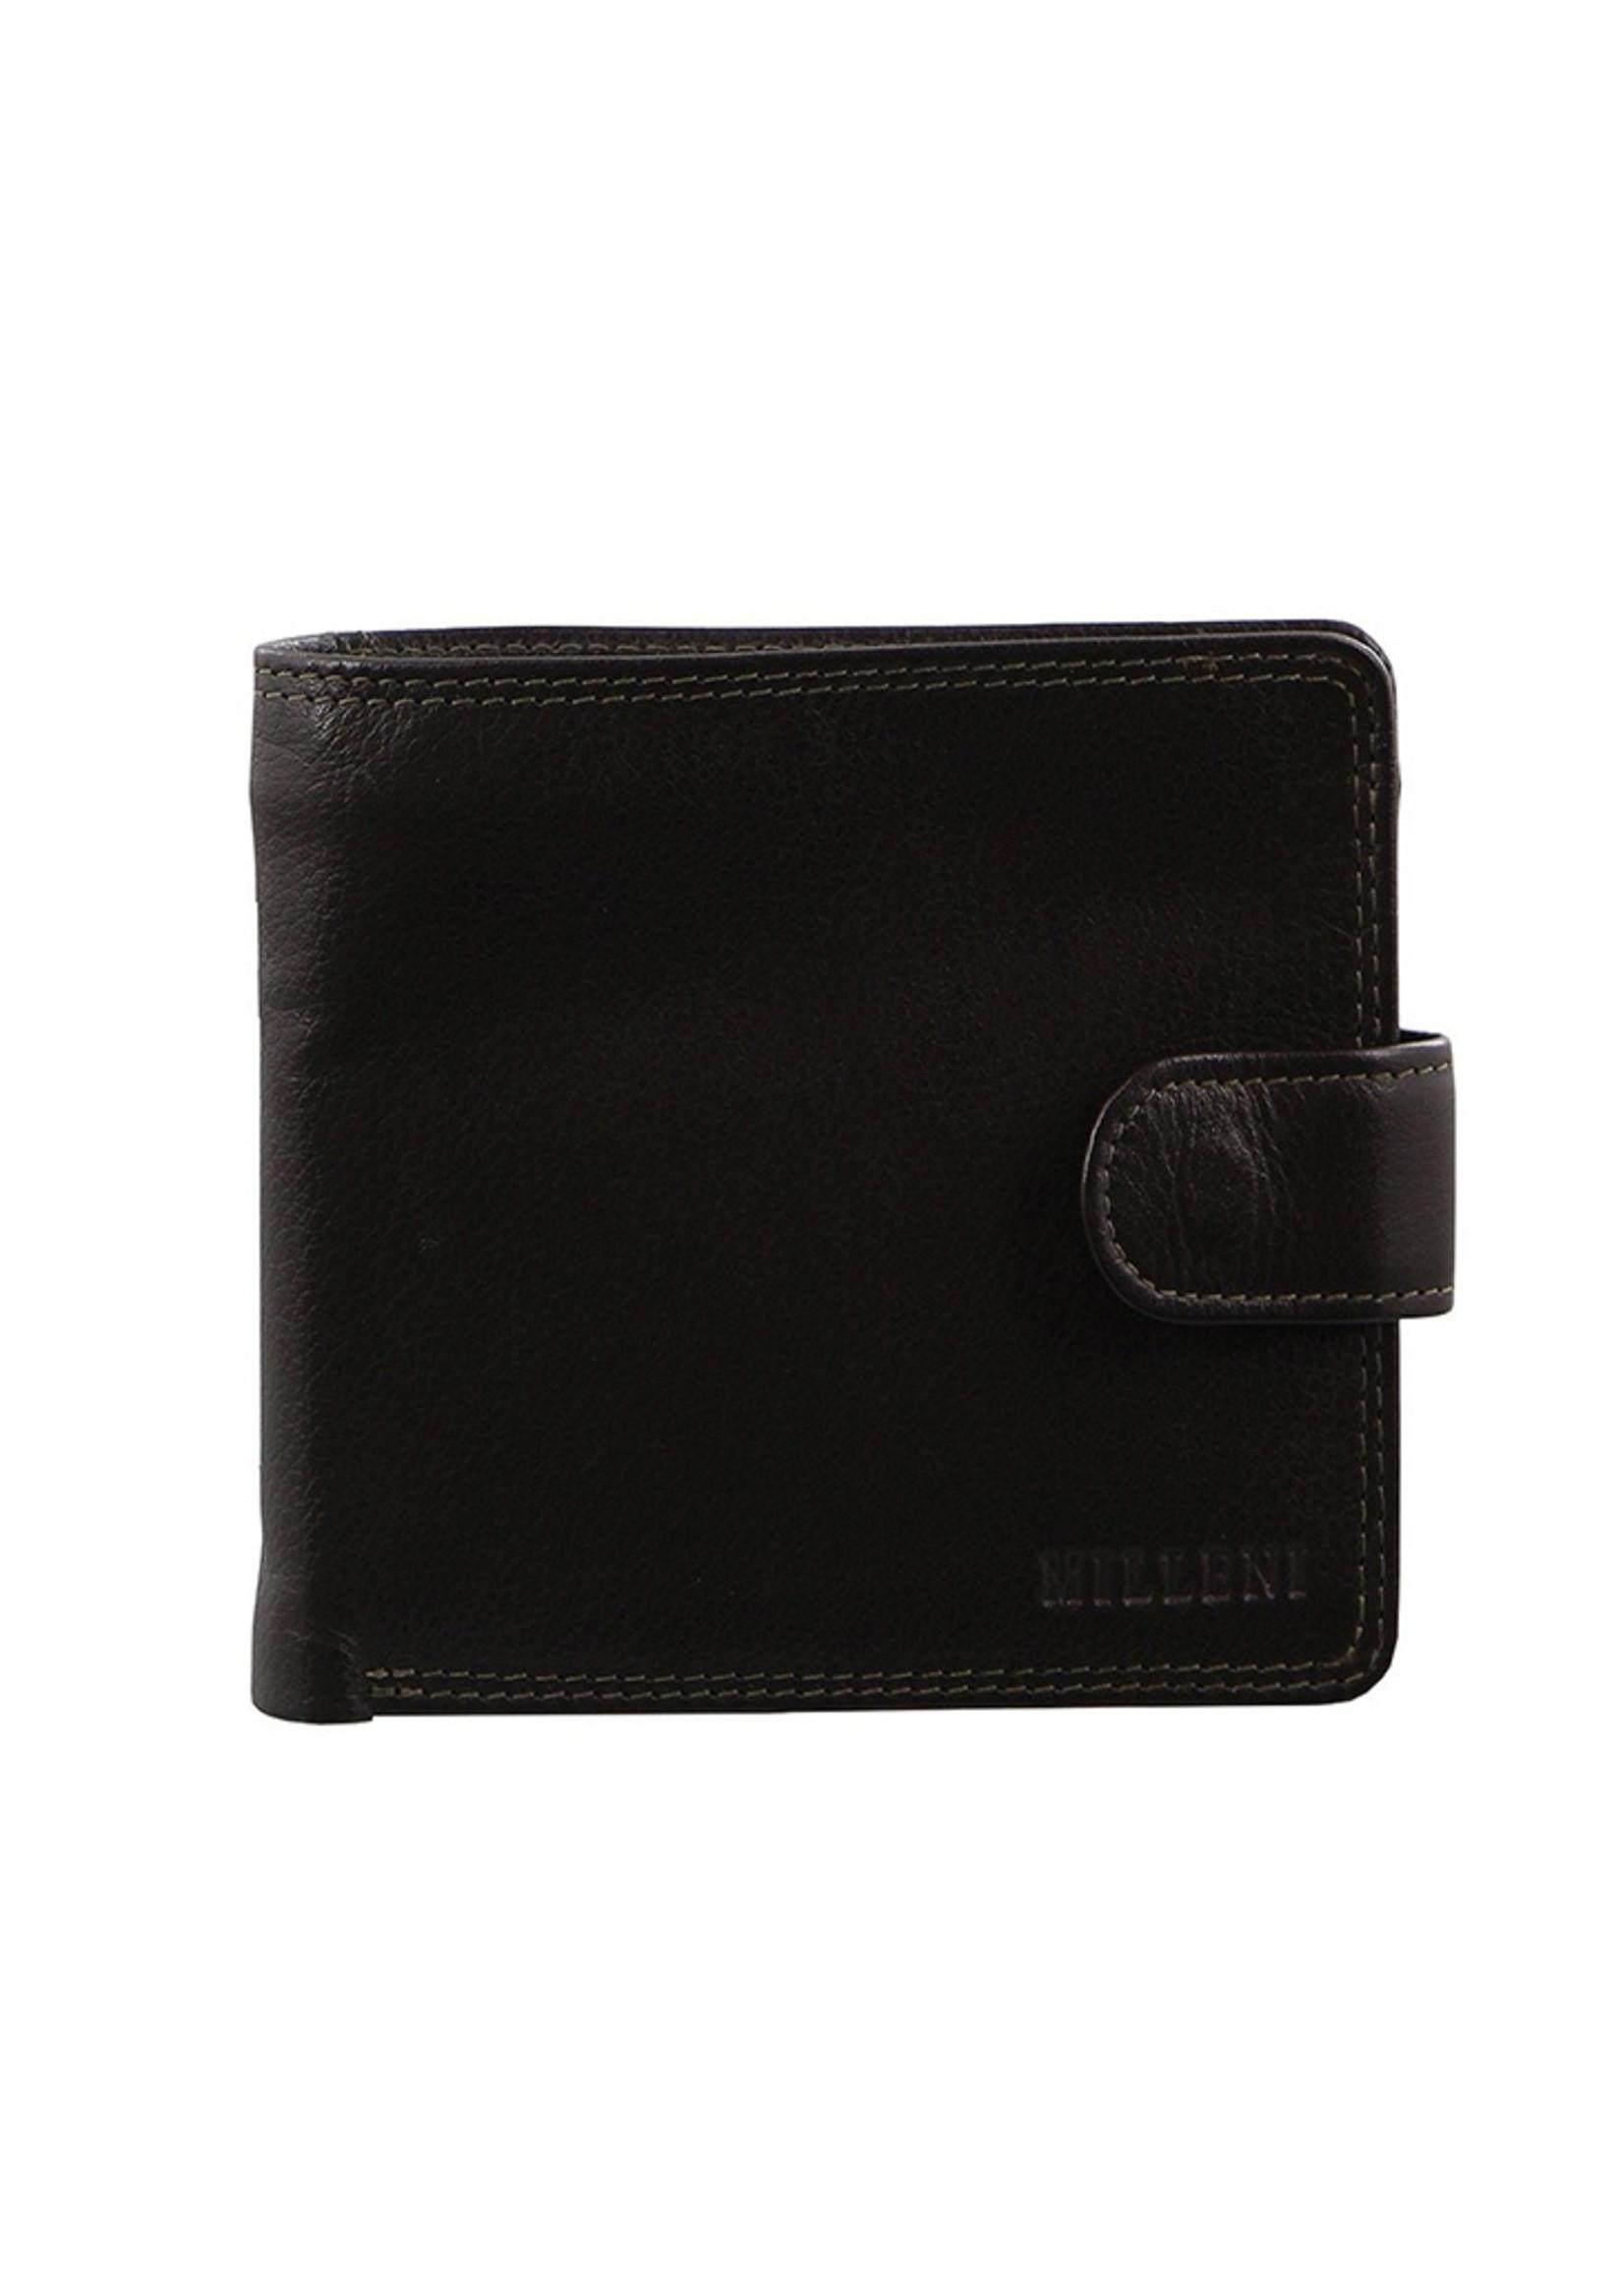 Milleni Men's Wallet - Brown (C10542)